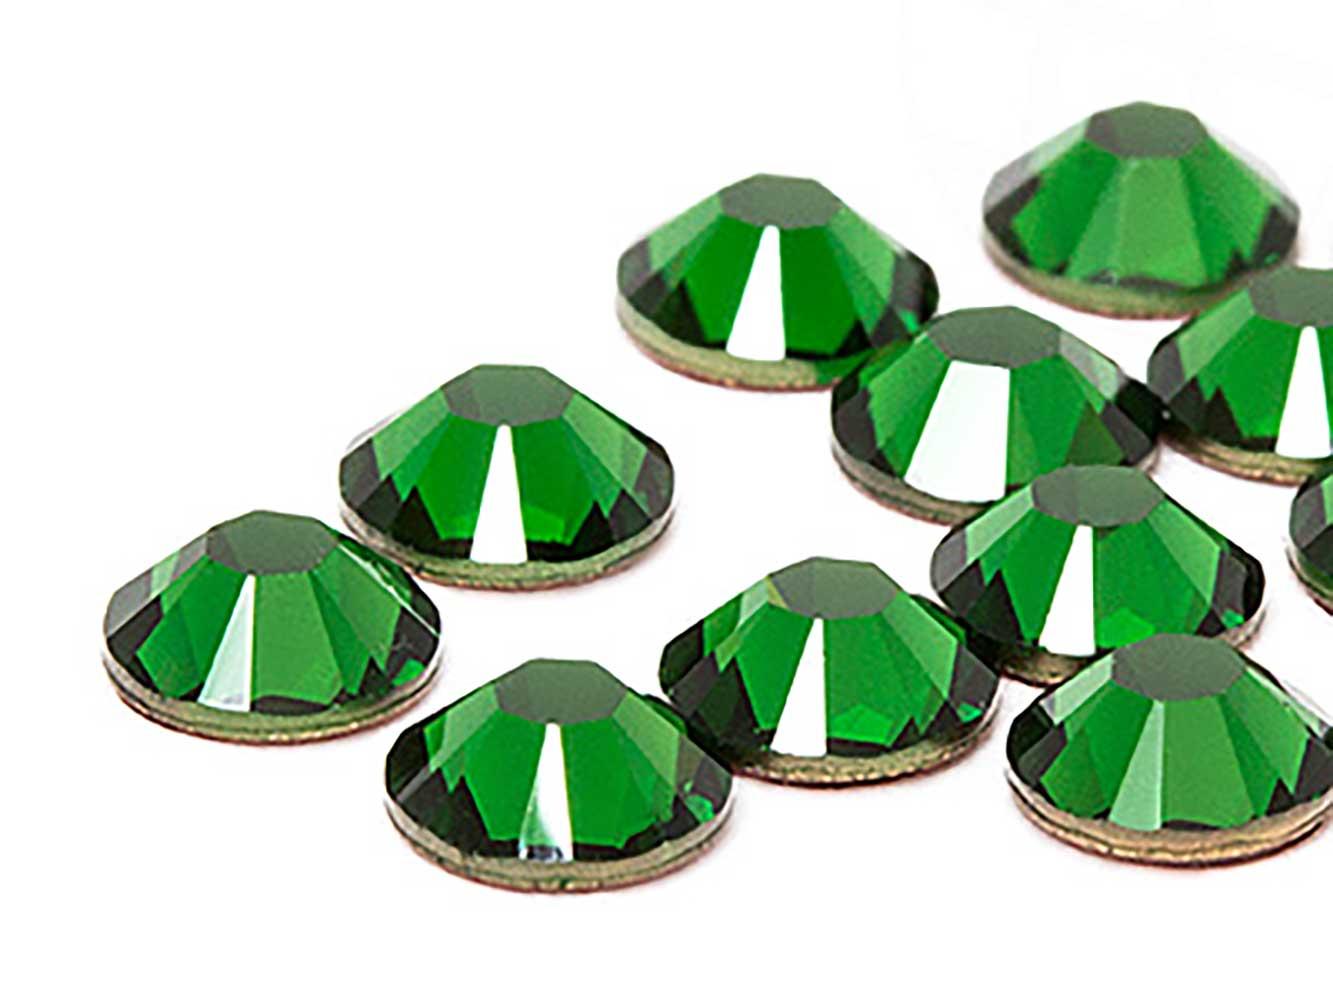 strasssteine-no-hotfix-von-swarovski-elements-ss-7-2-2mm-dark-moss-green-1440-stuck-10-gross-